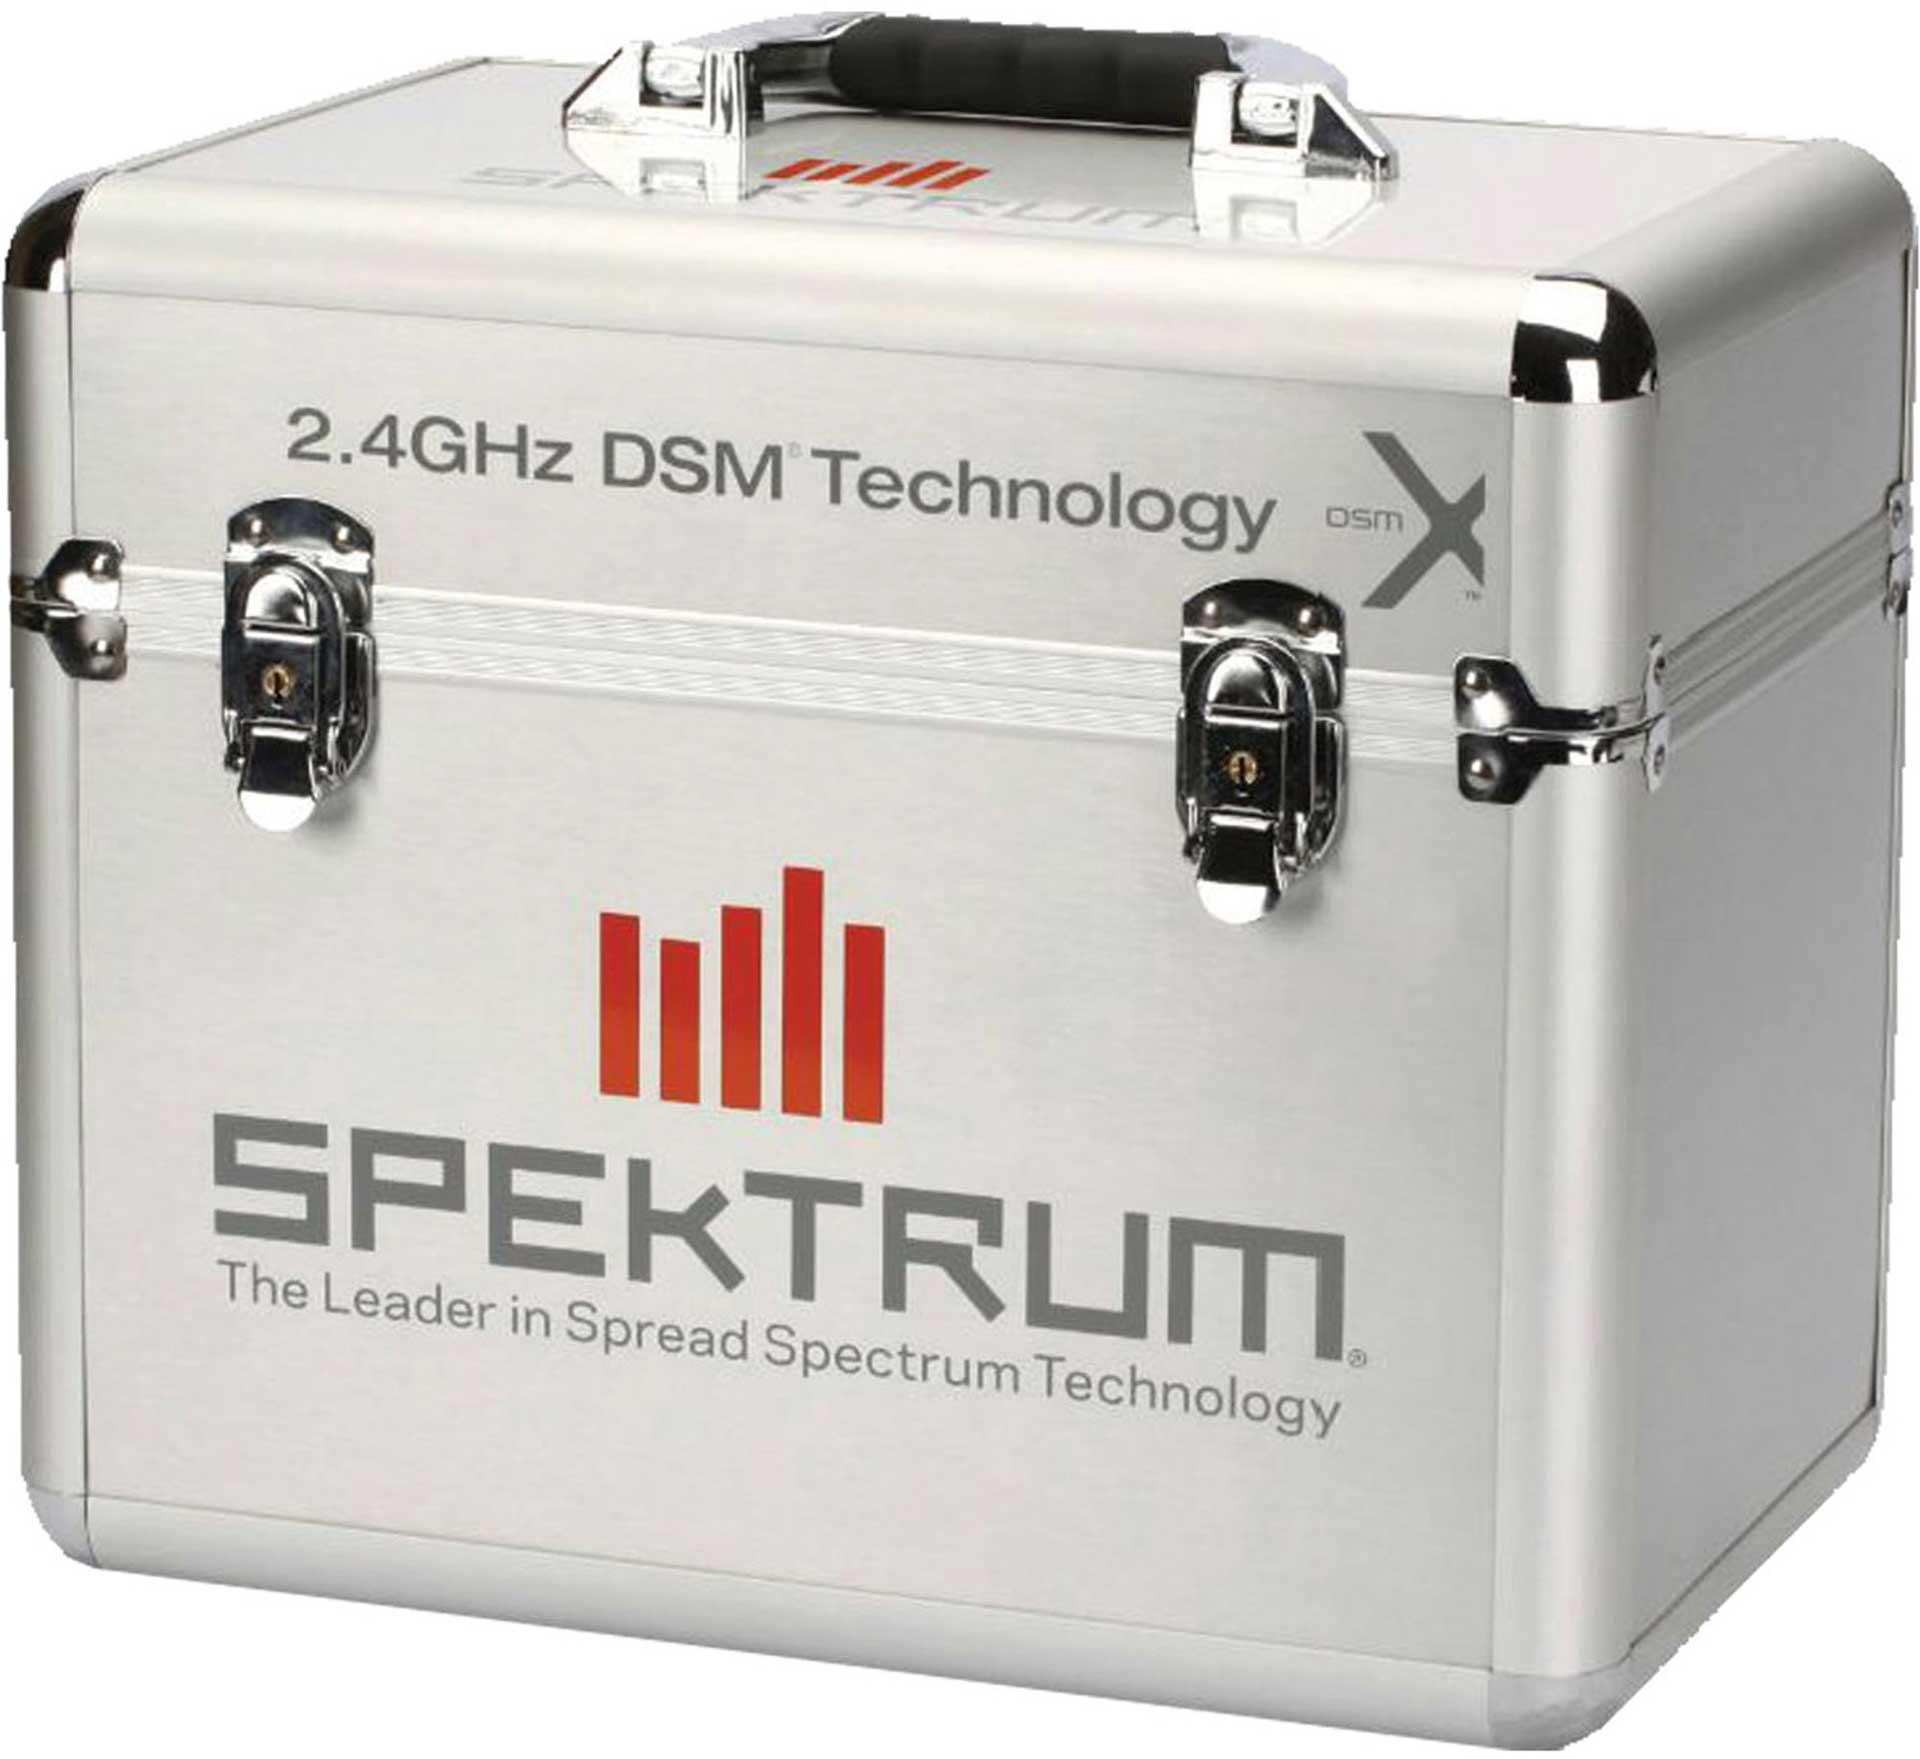 SPEKTRUM ALUMINIUM STANDING TRANSMITTER CASE WITH SPECTRUM DECAL